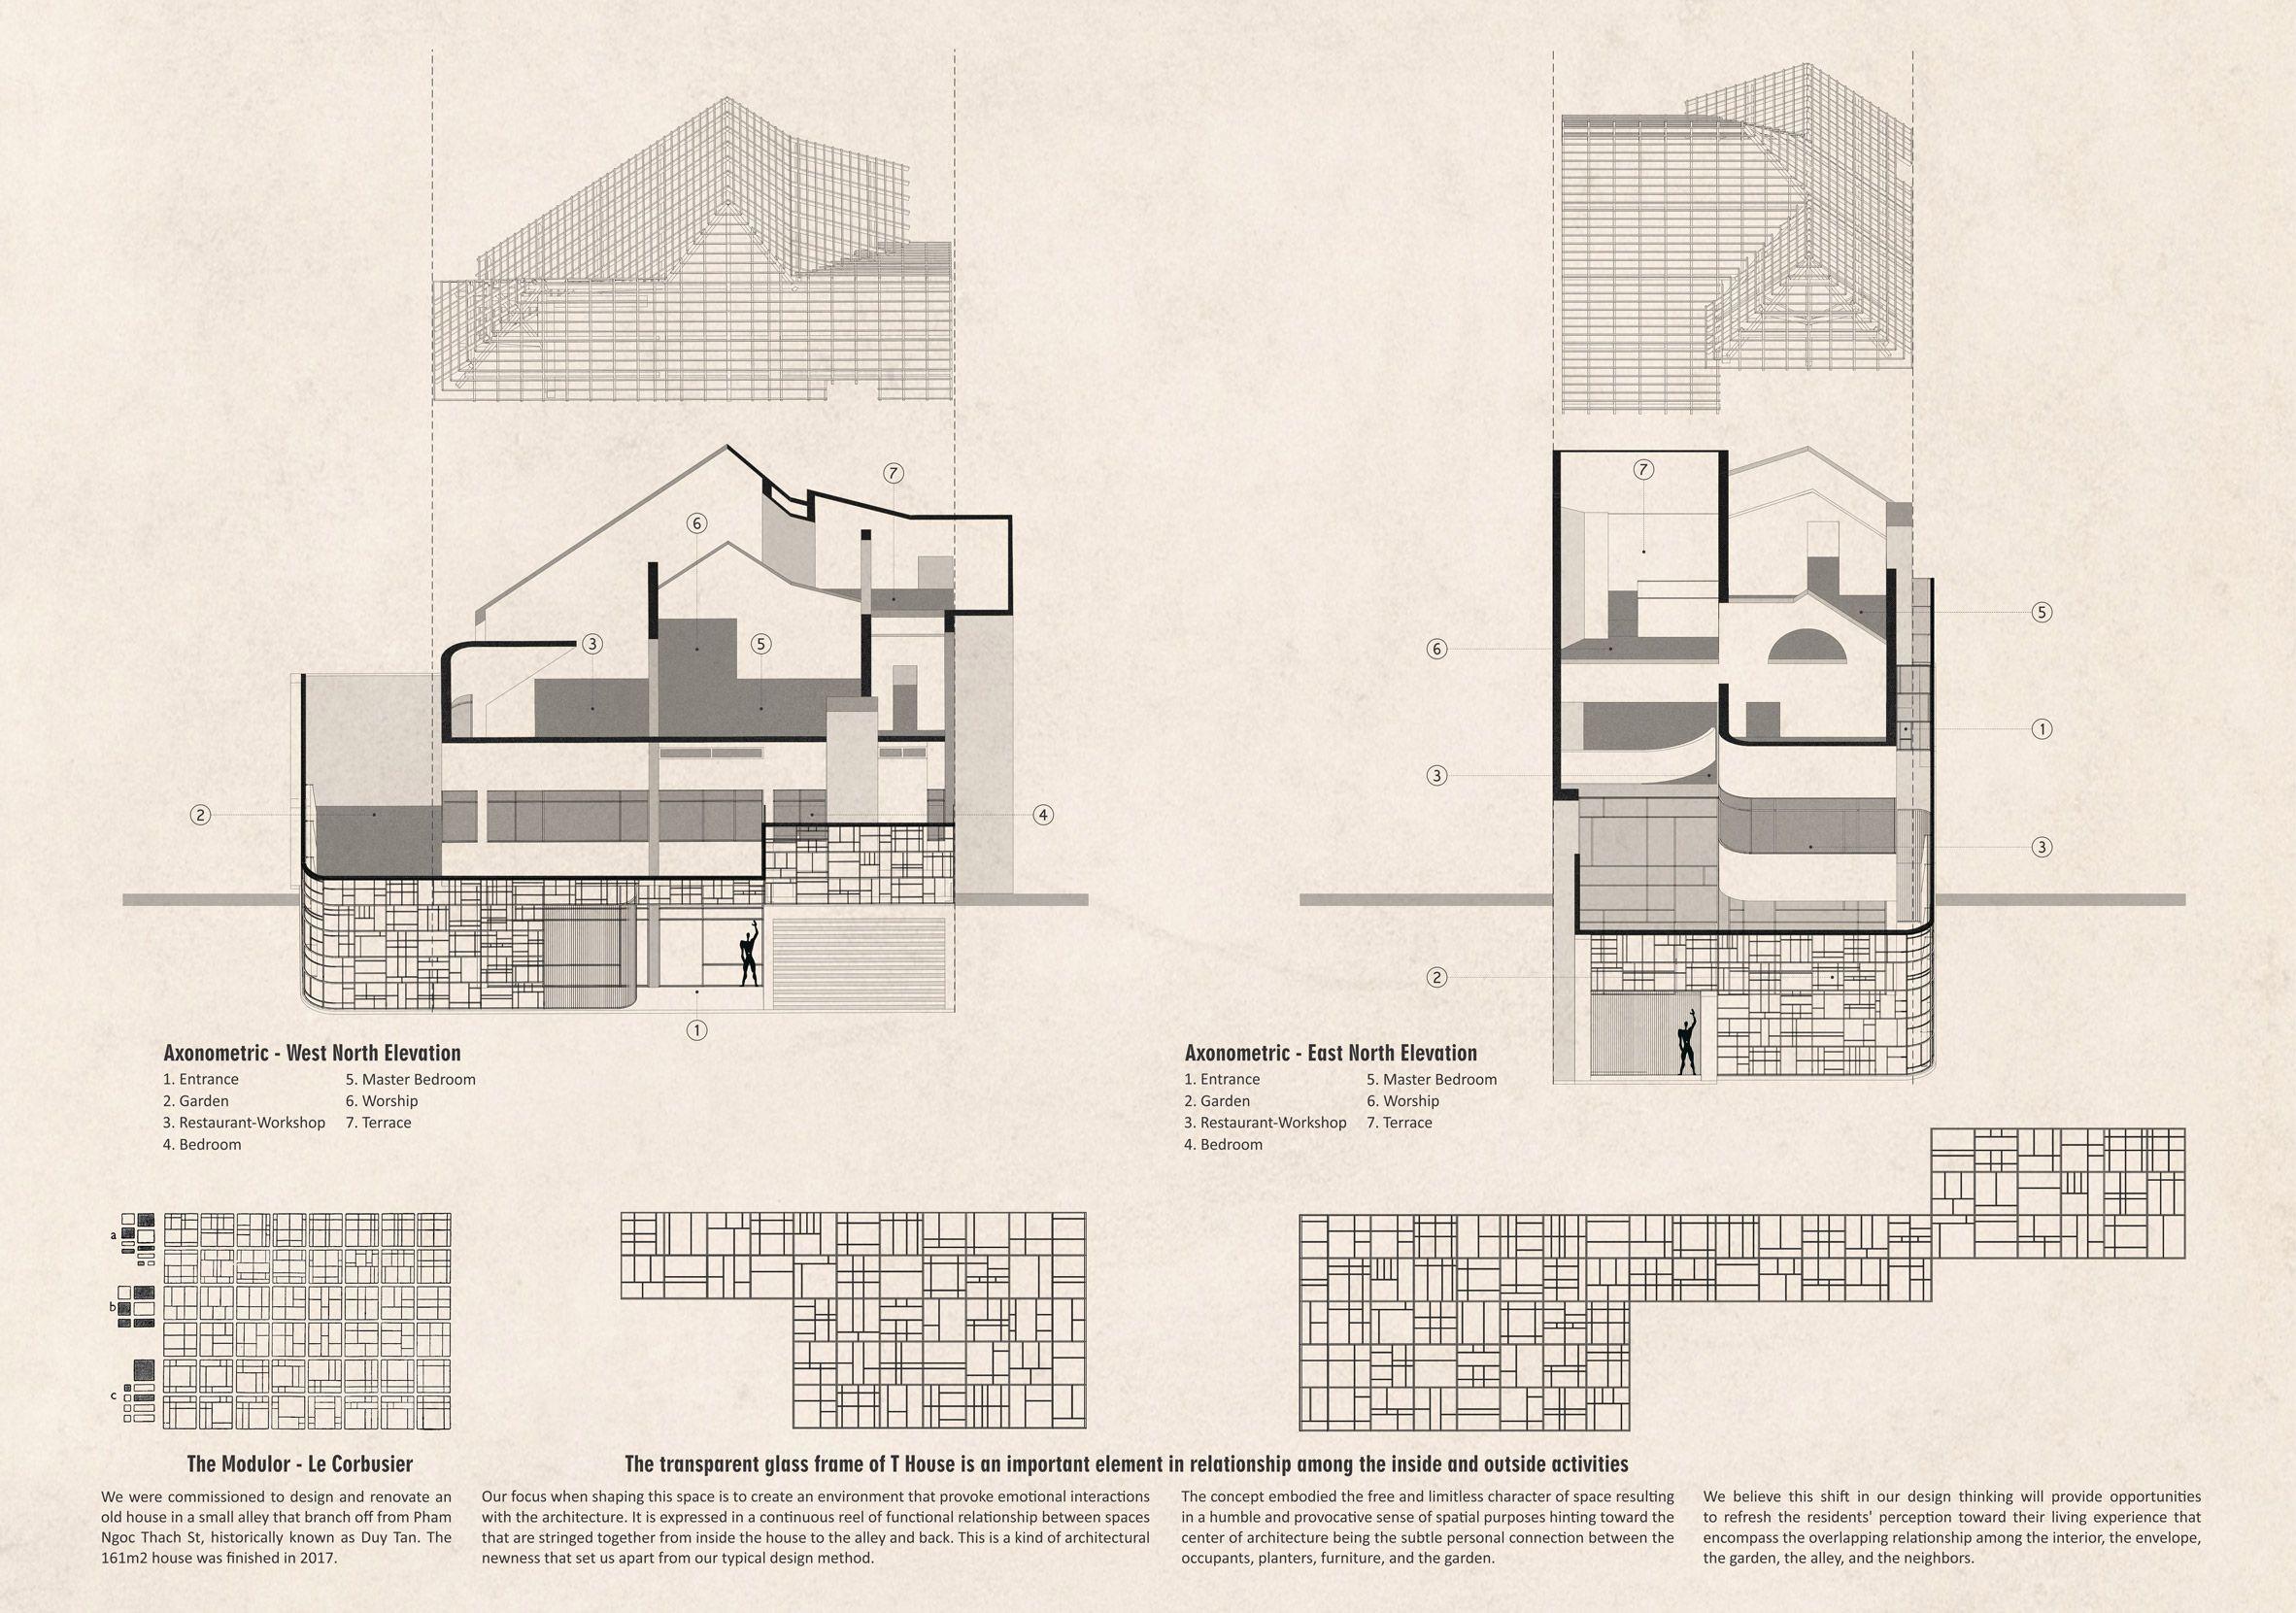 Vietnamese Architecture Studio Kientruc O Has Given A